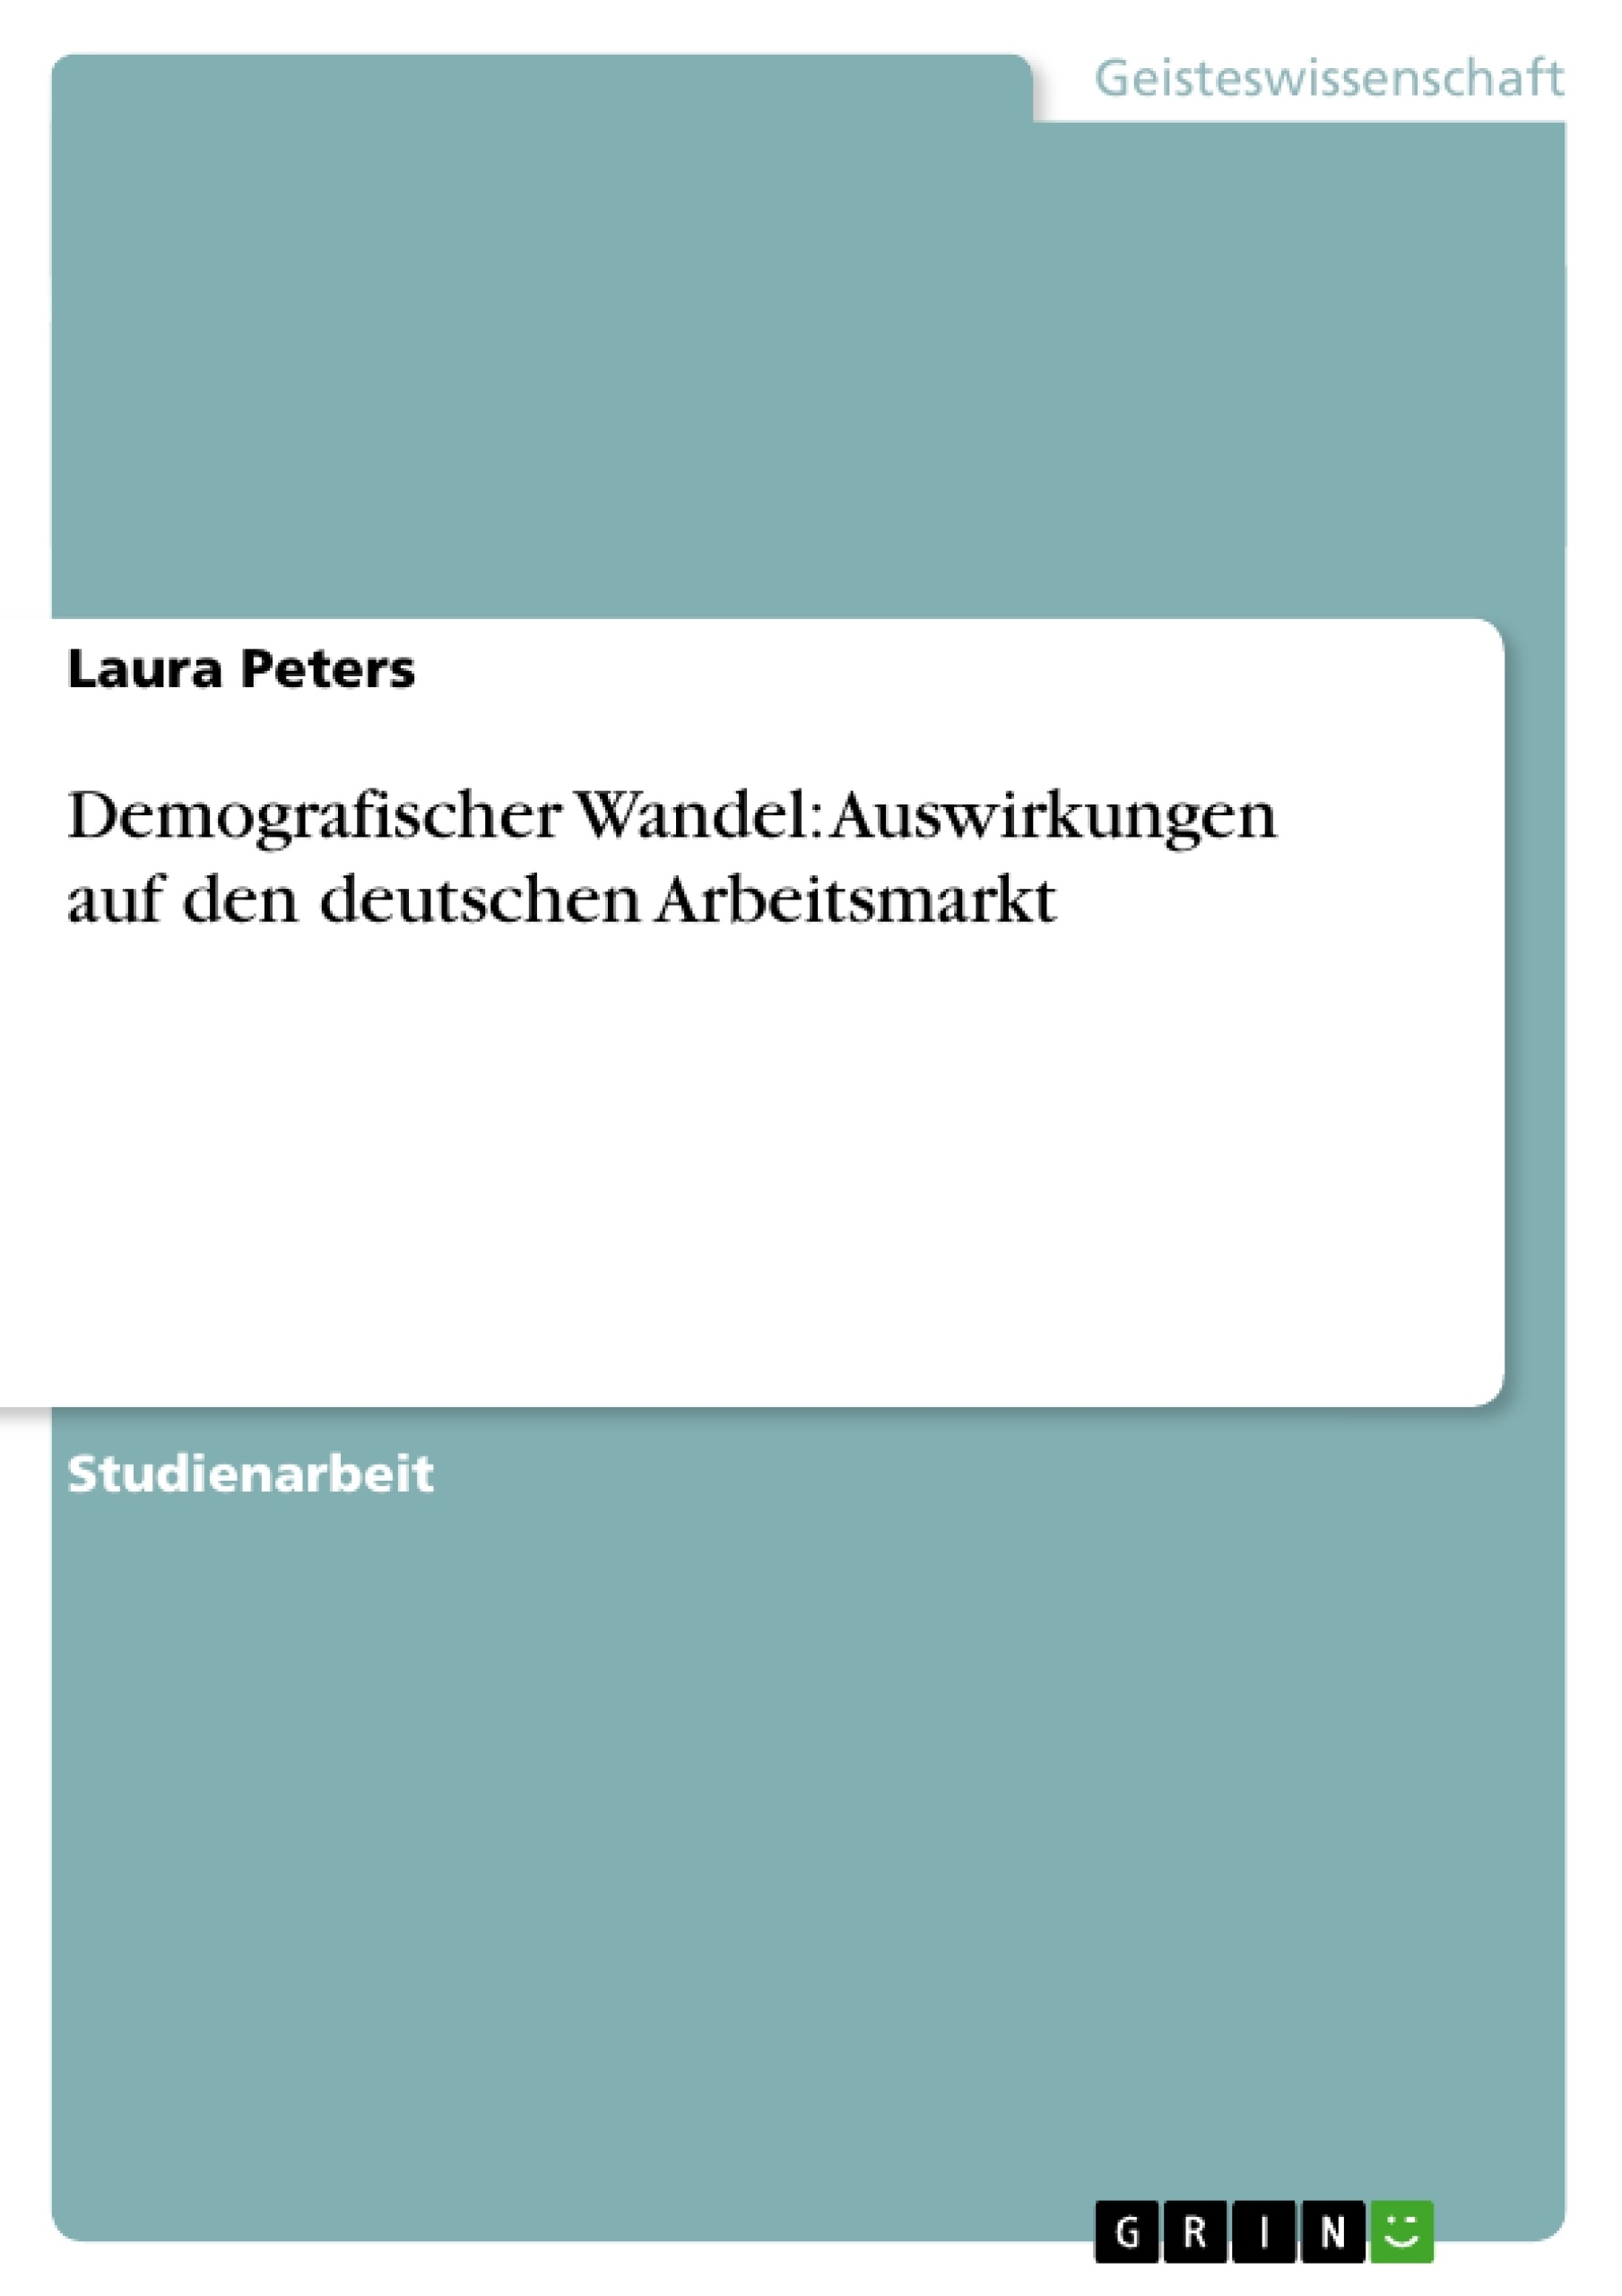 Titel: Demografischer Wandel: Auswirkungen auf den deutschen Arbeitsmarkt